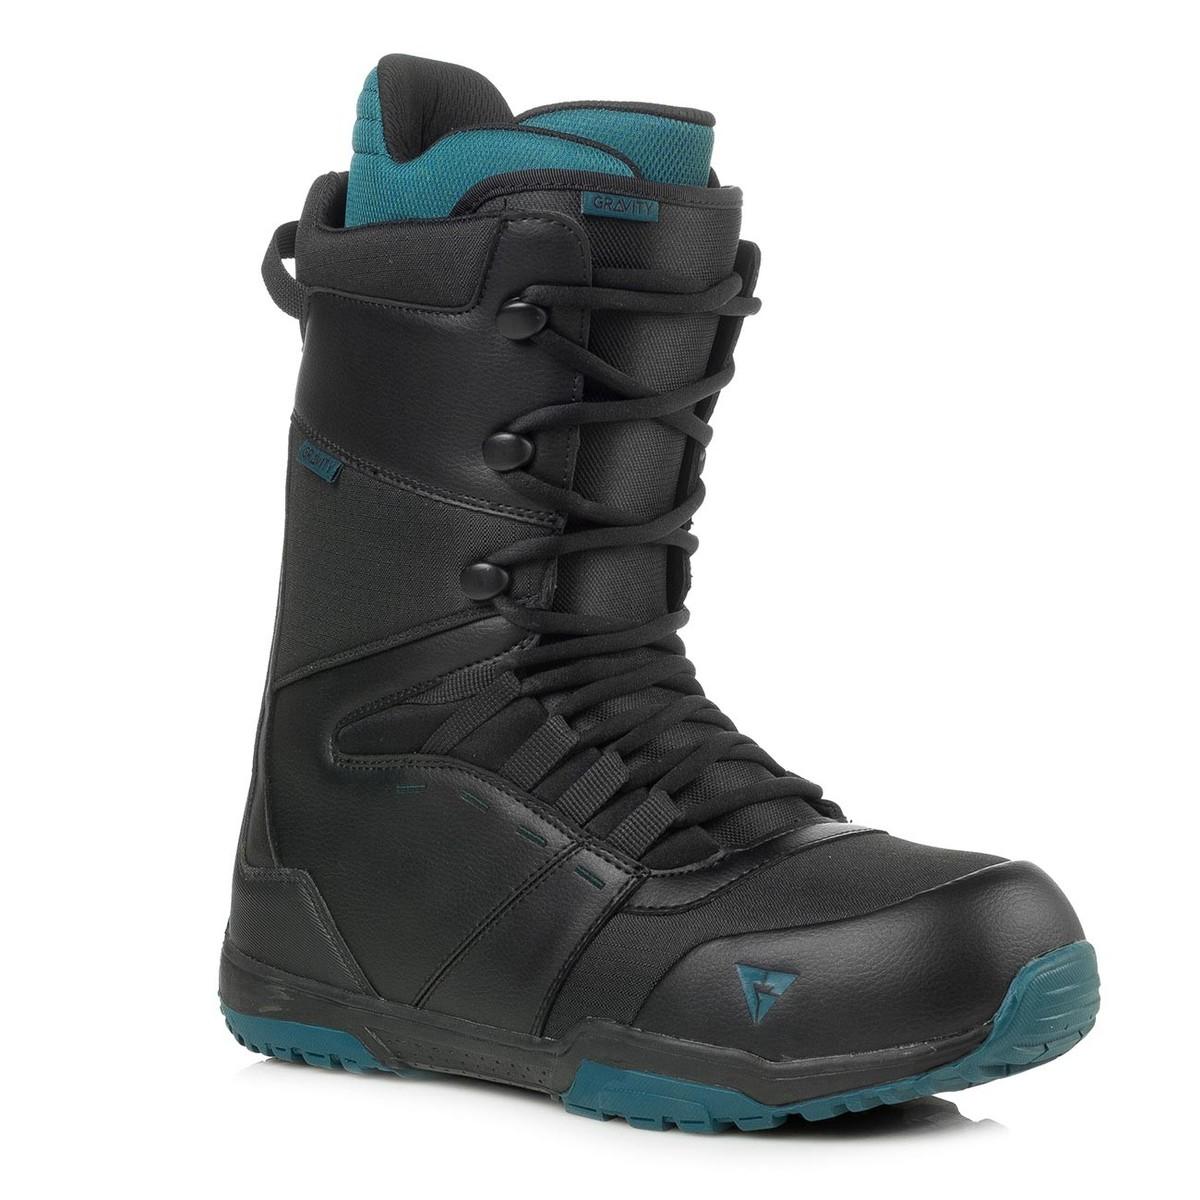 Snowboardové boty Gravity Void 18/19 černá/modrá 12 (47)